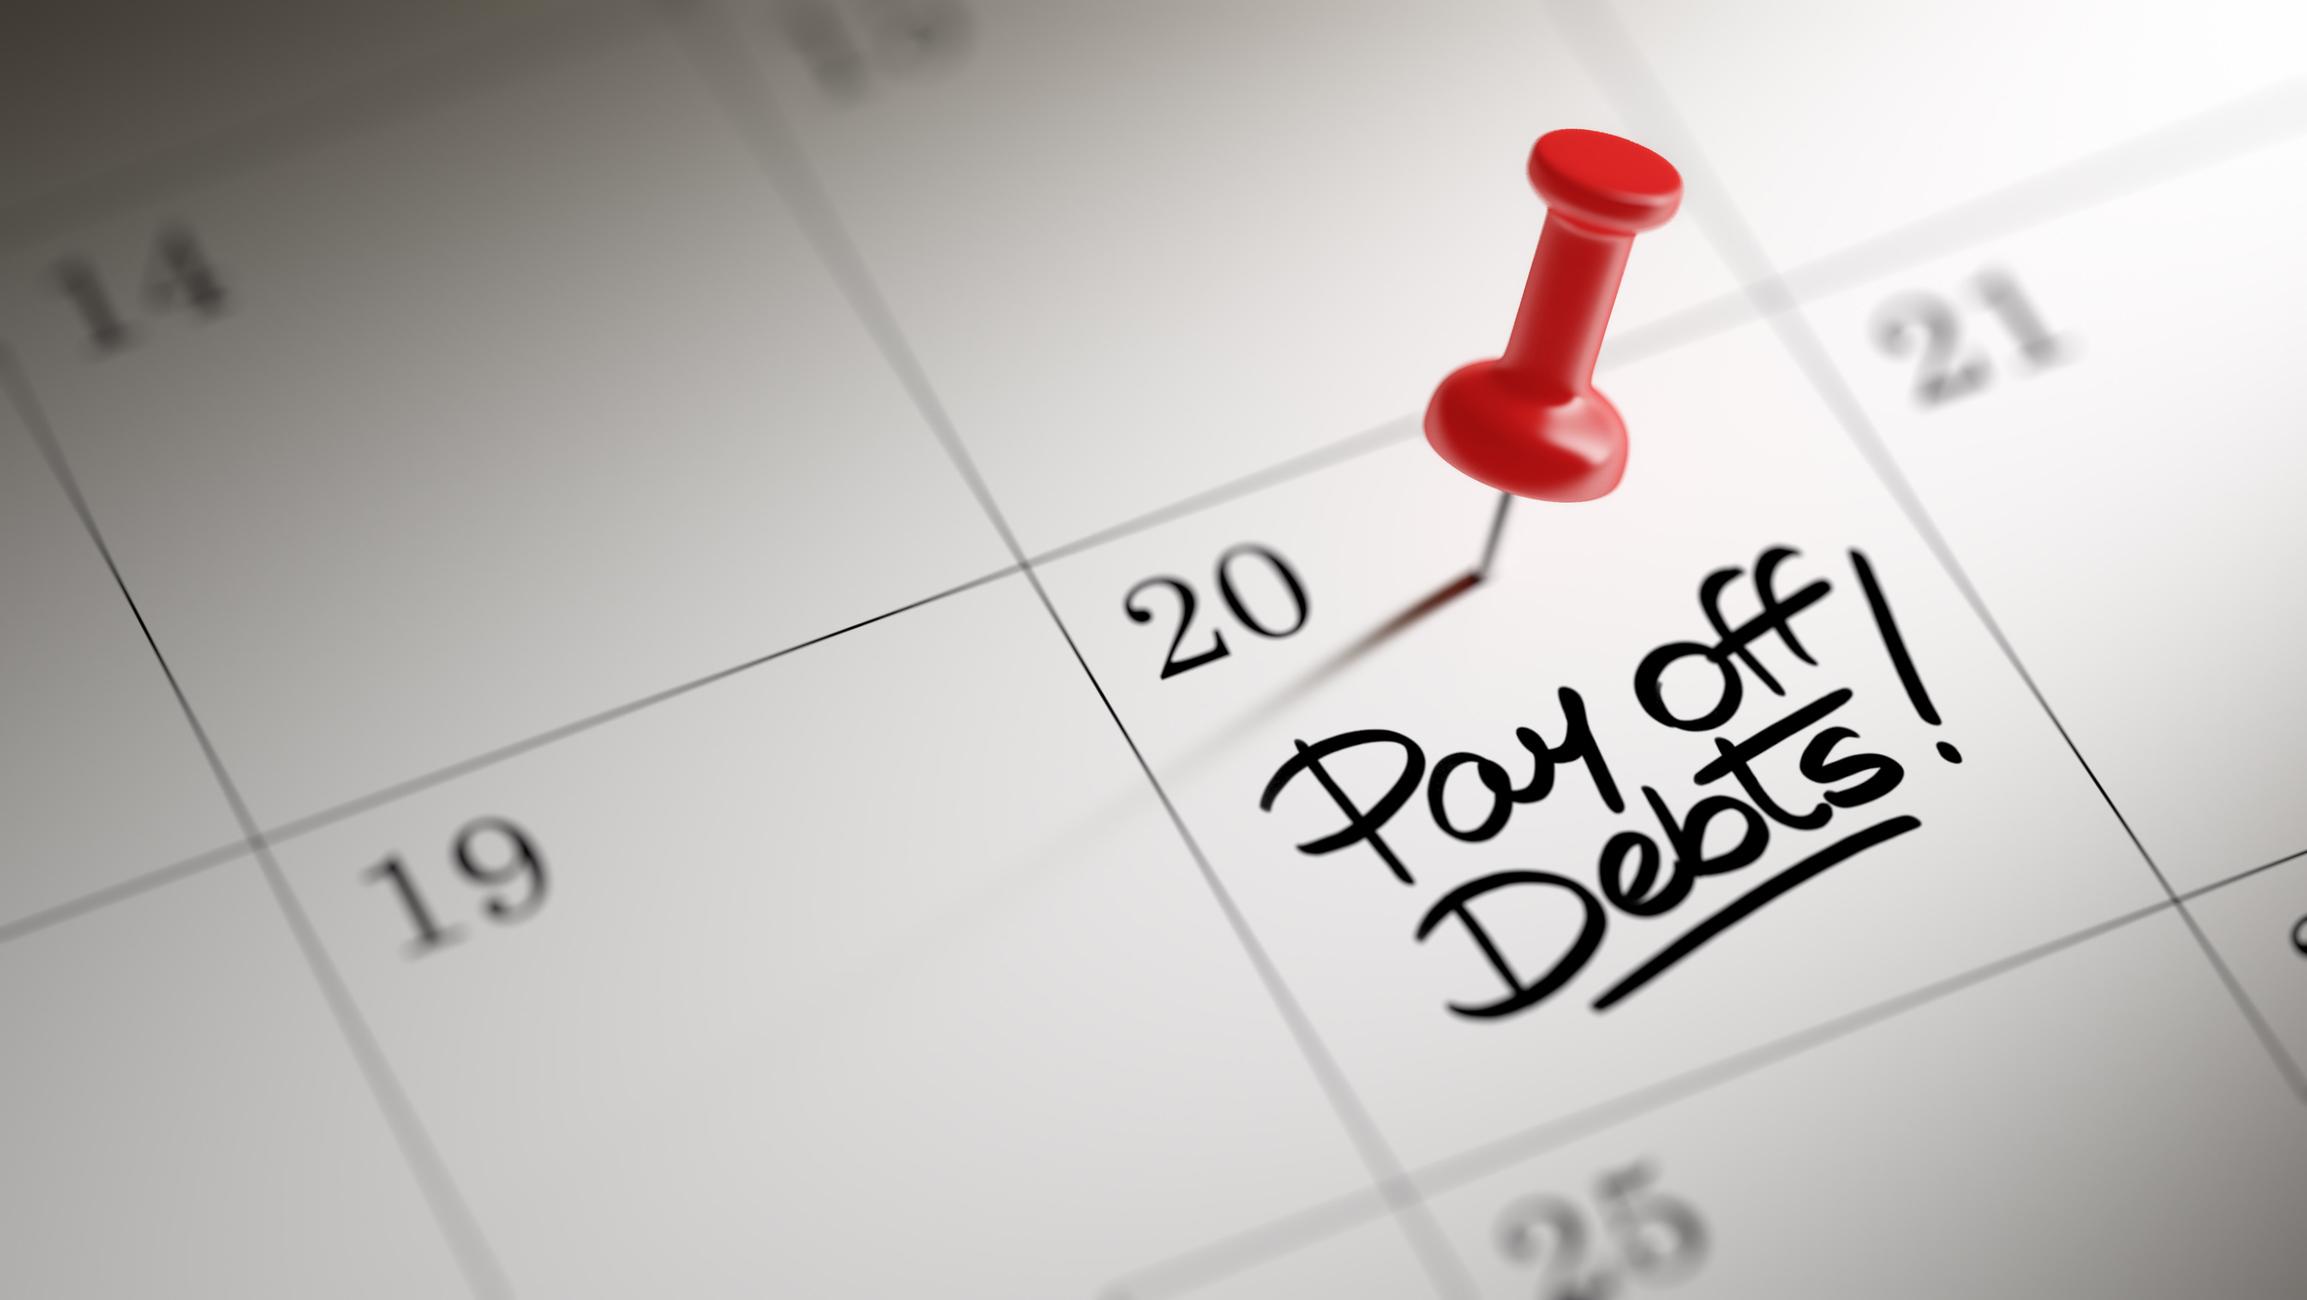 Betala gärna dina räkningar på en bestämd dag varje månad